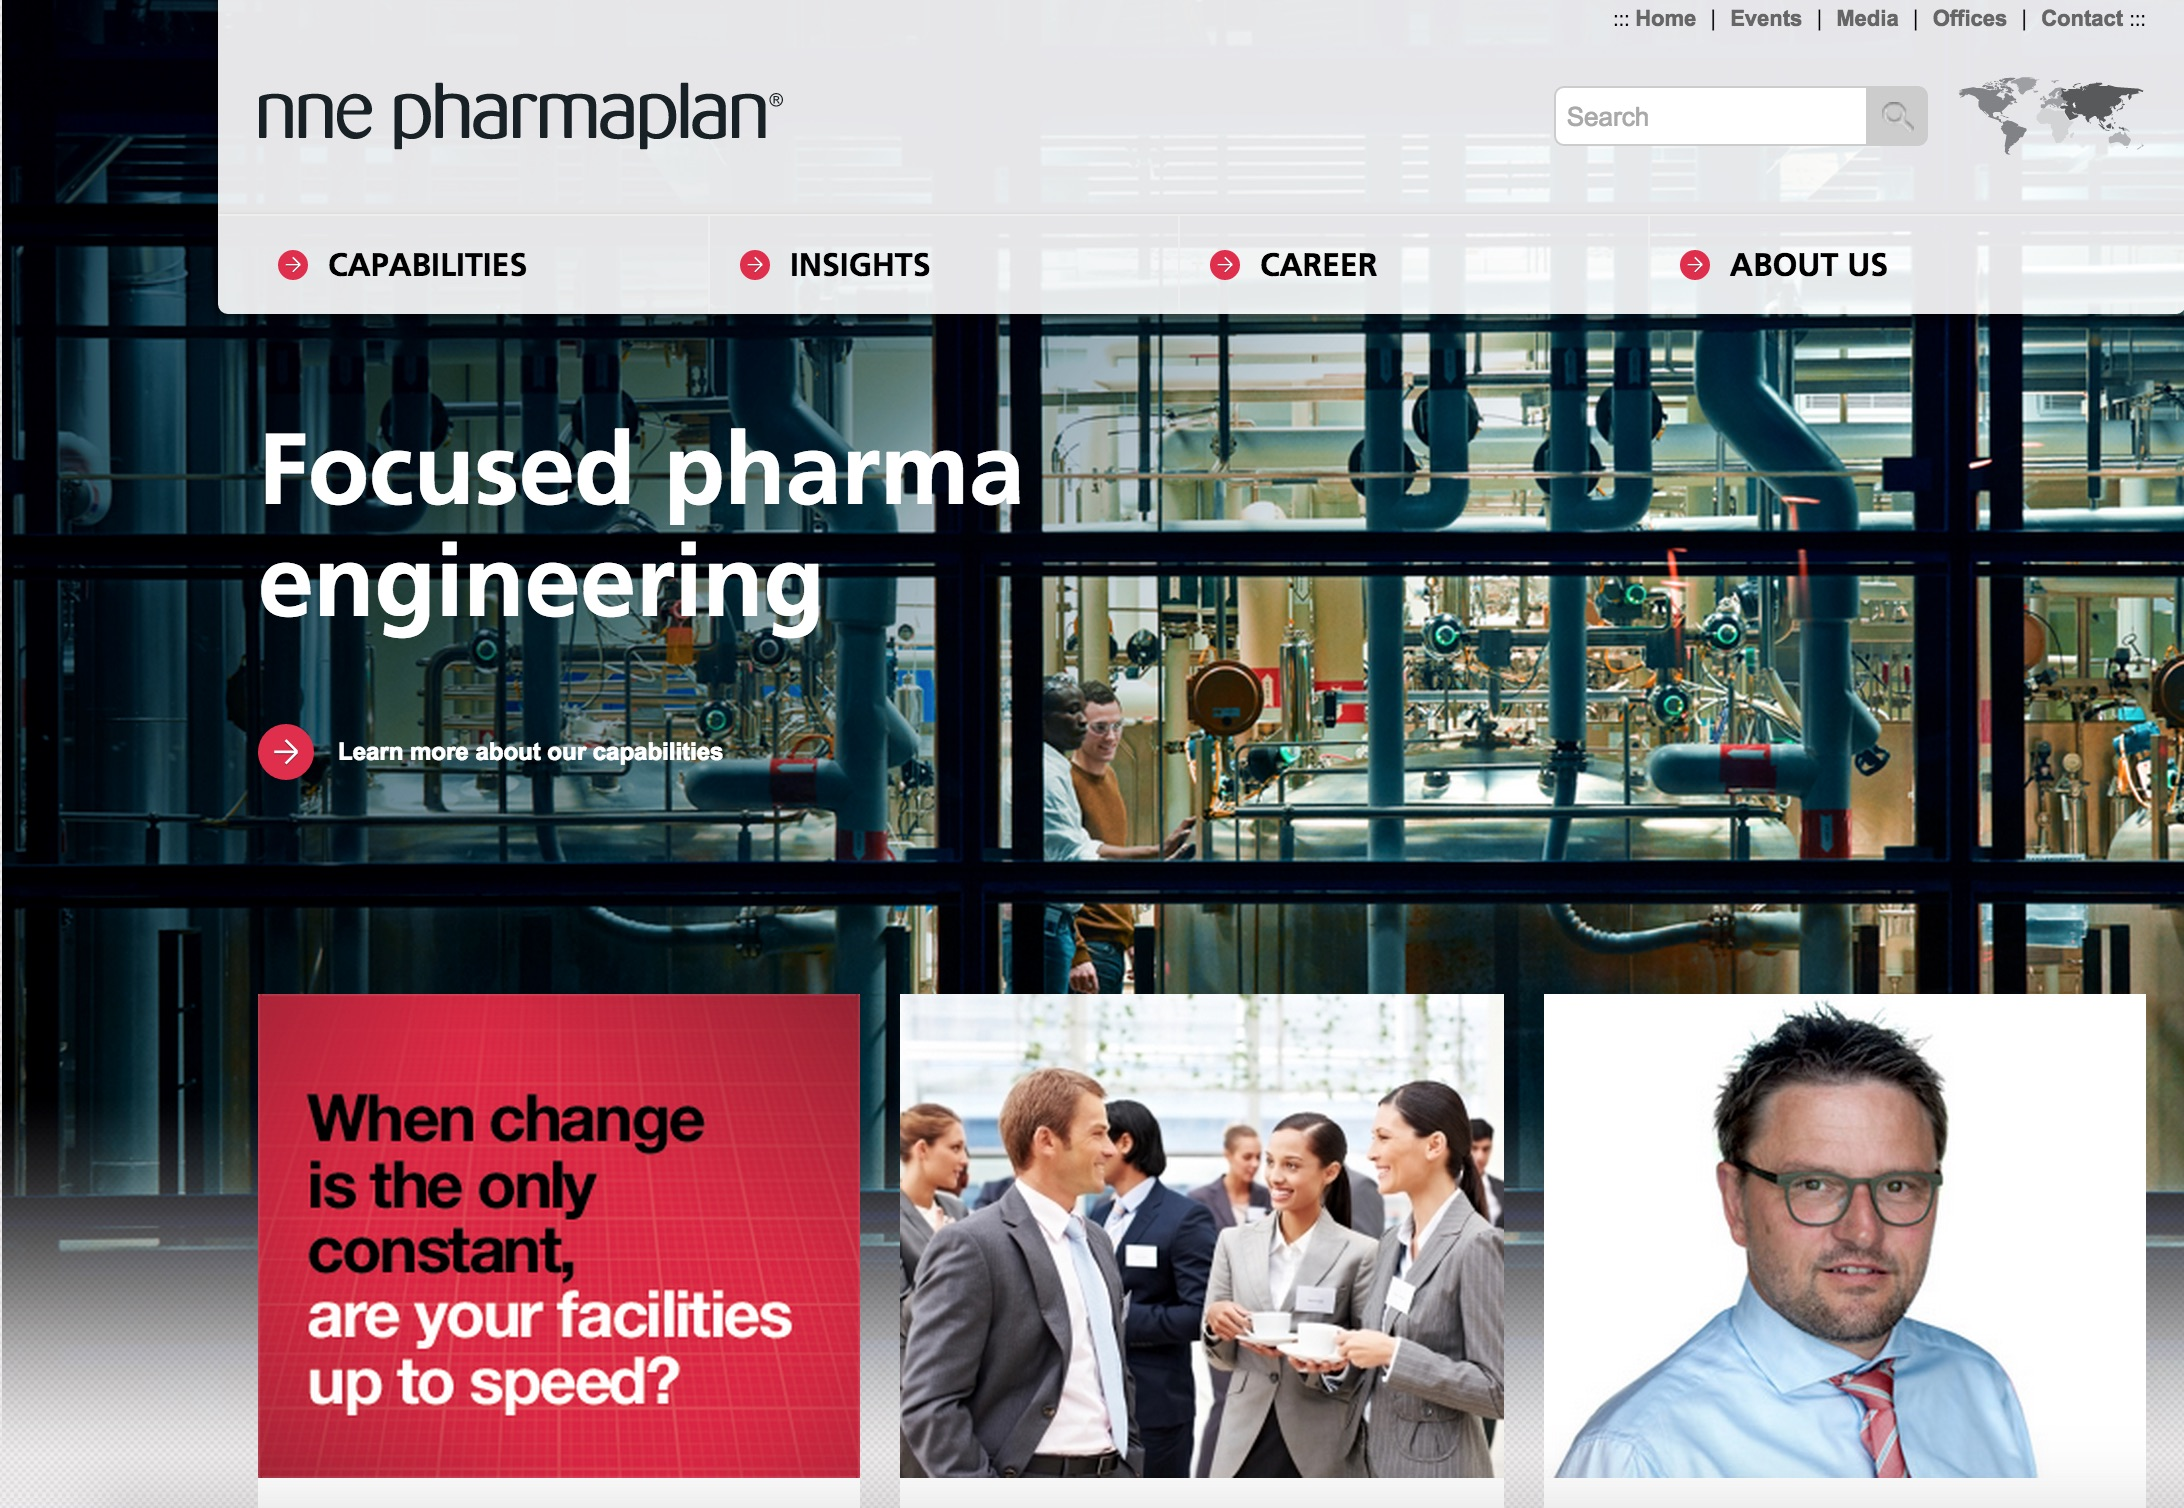 NNE pharmaplan